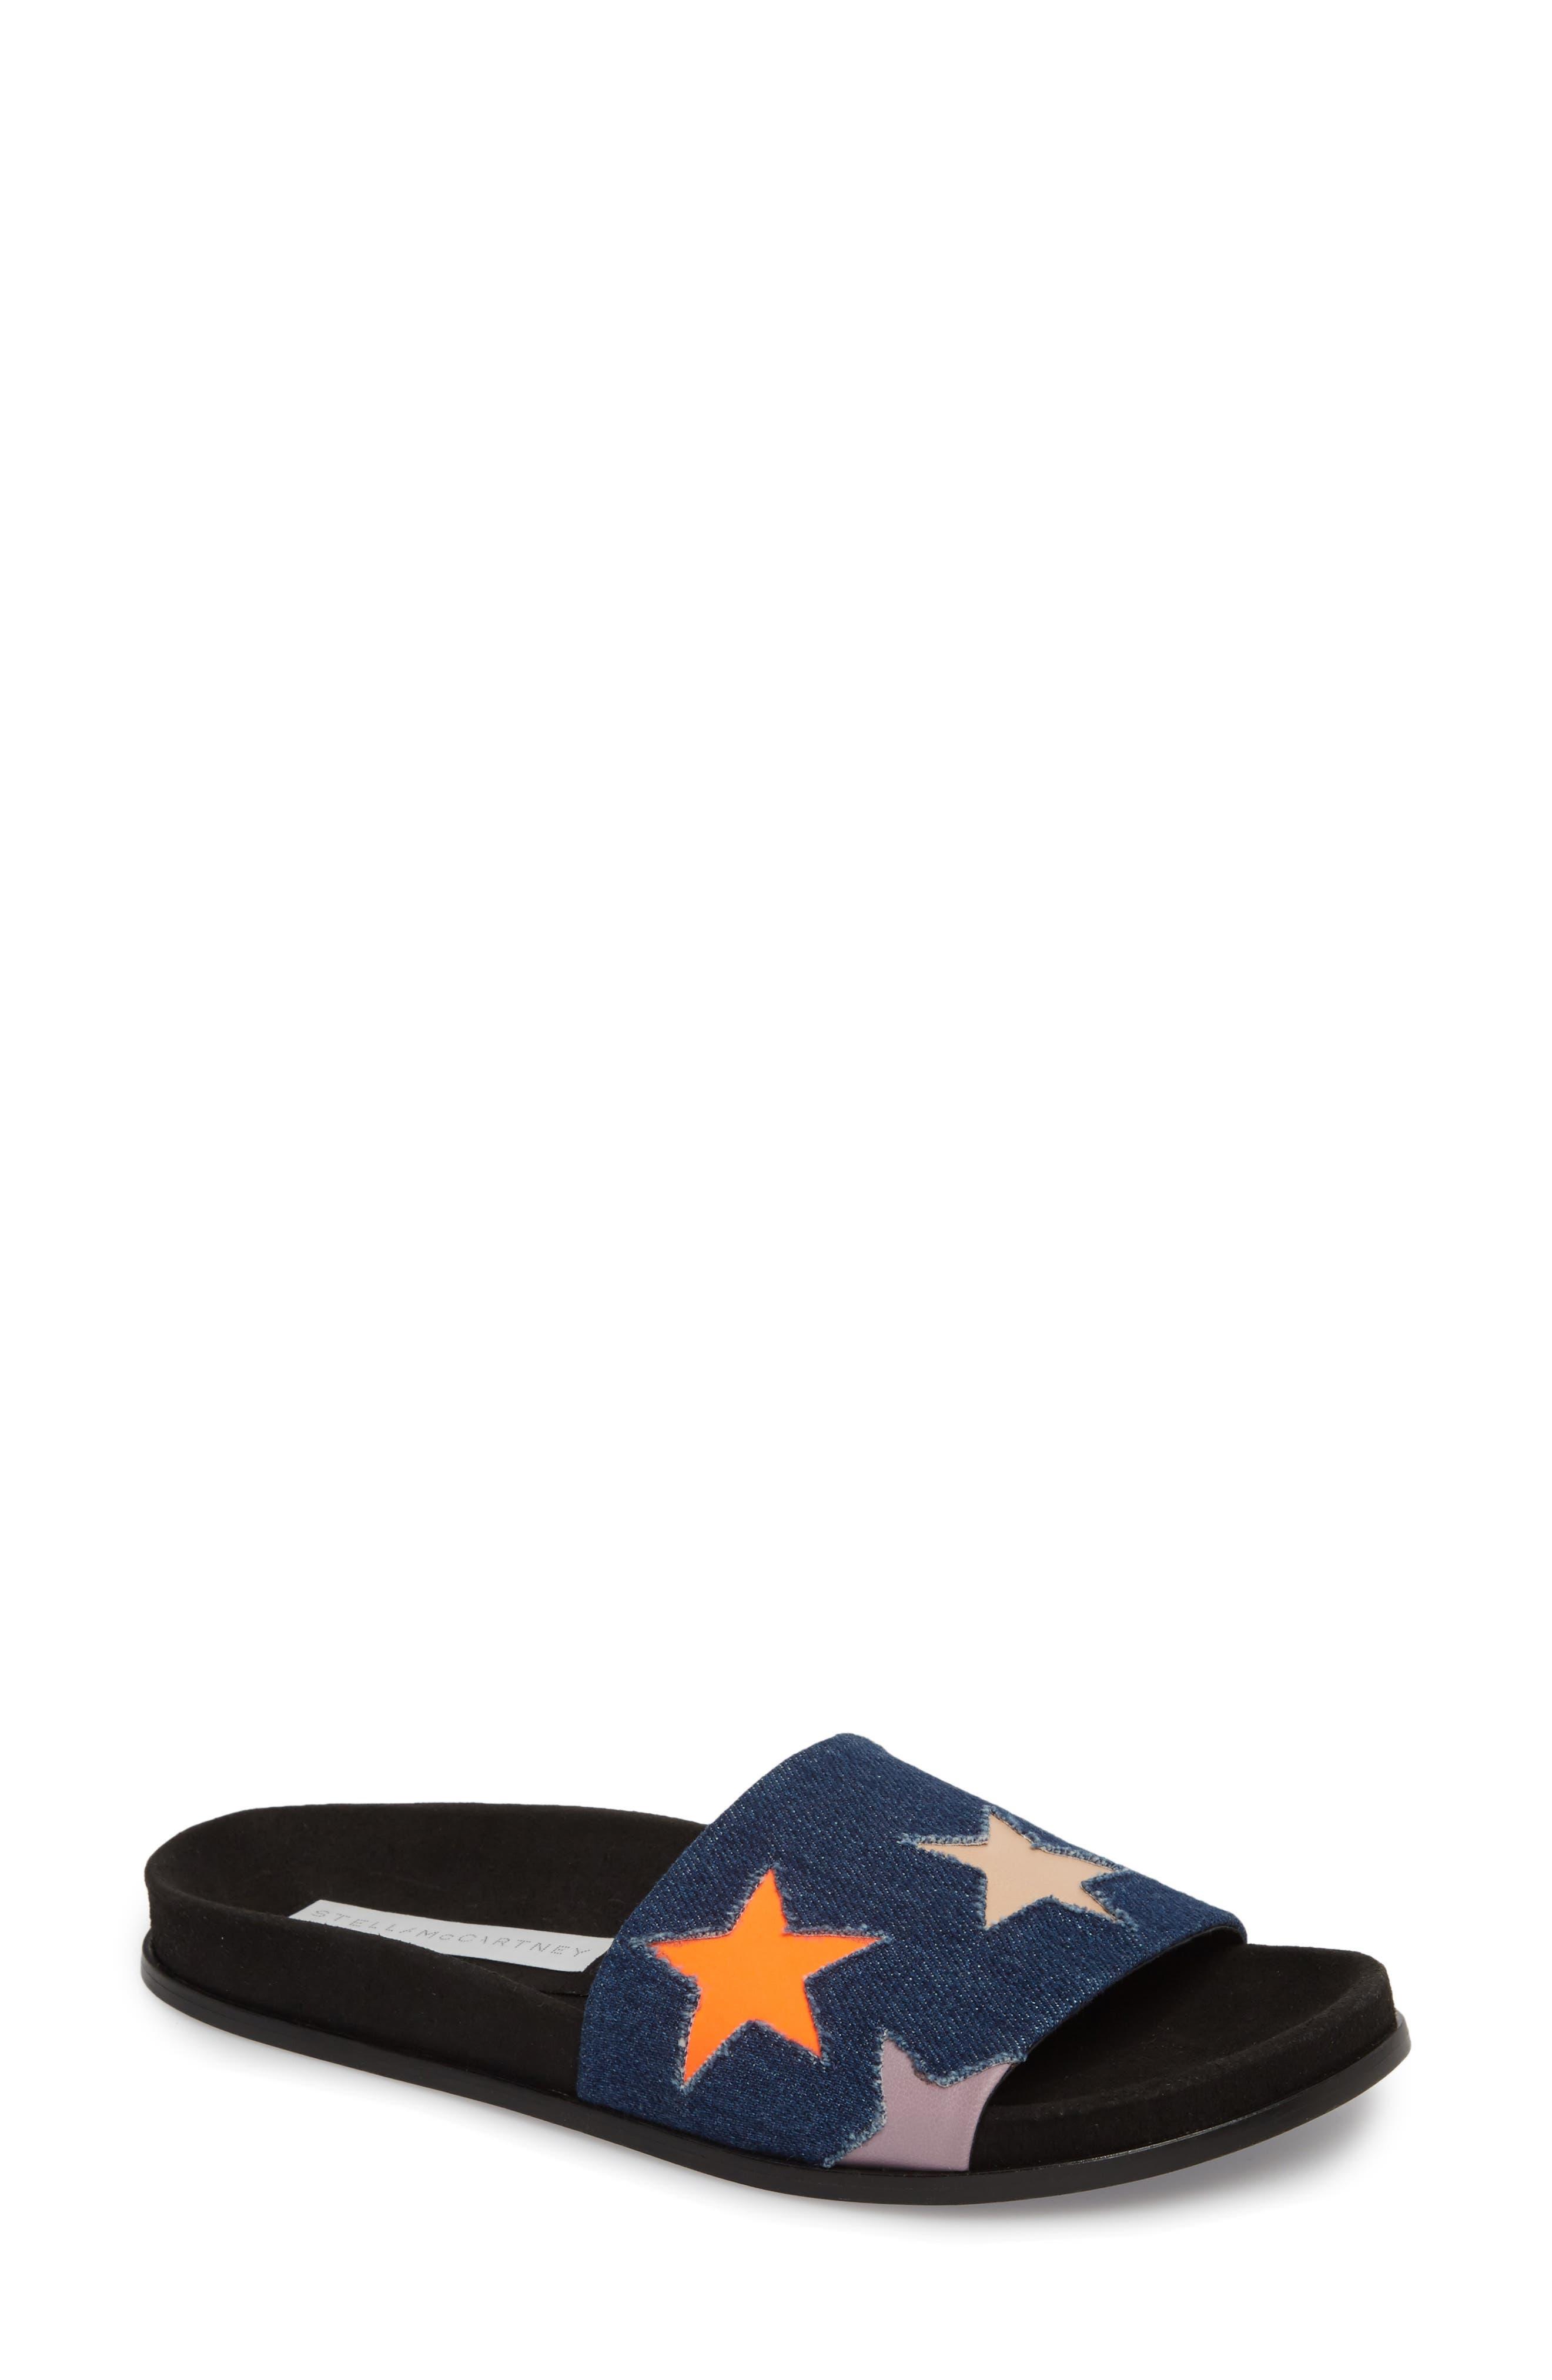 Star Slide Sandal,                             Main thumbnail 1, color,                             Navy